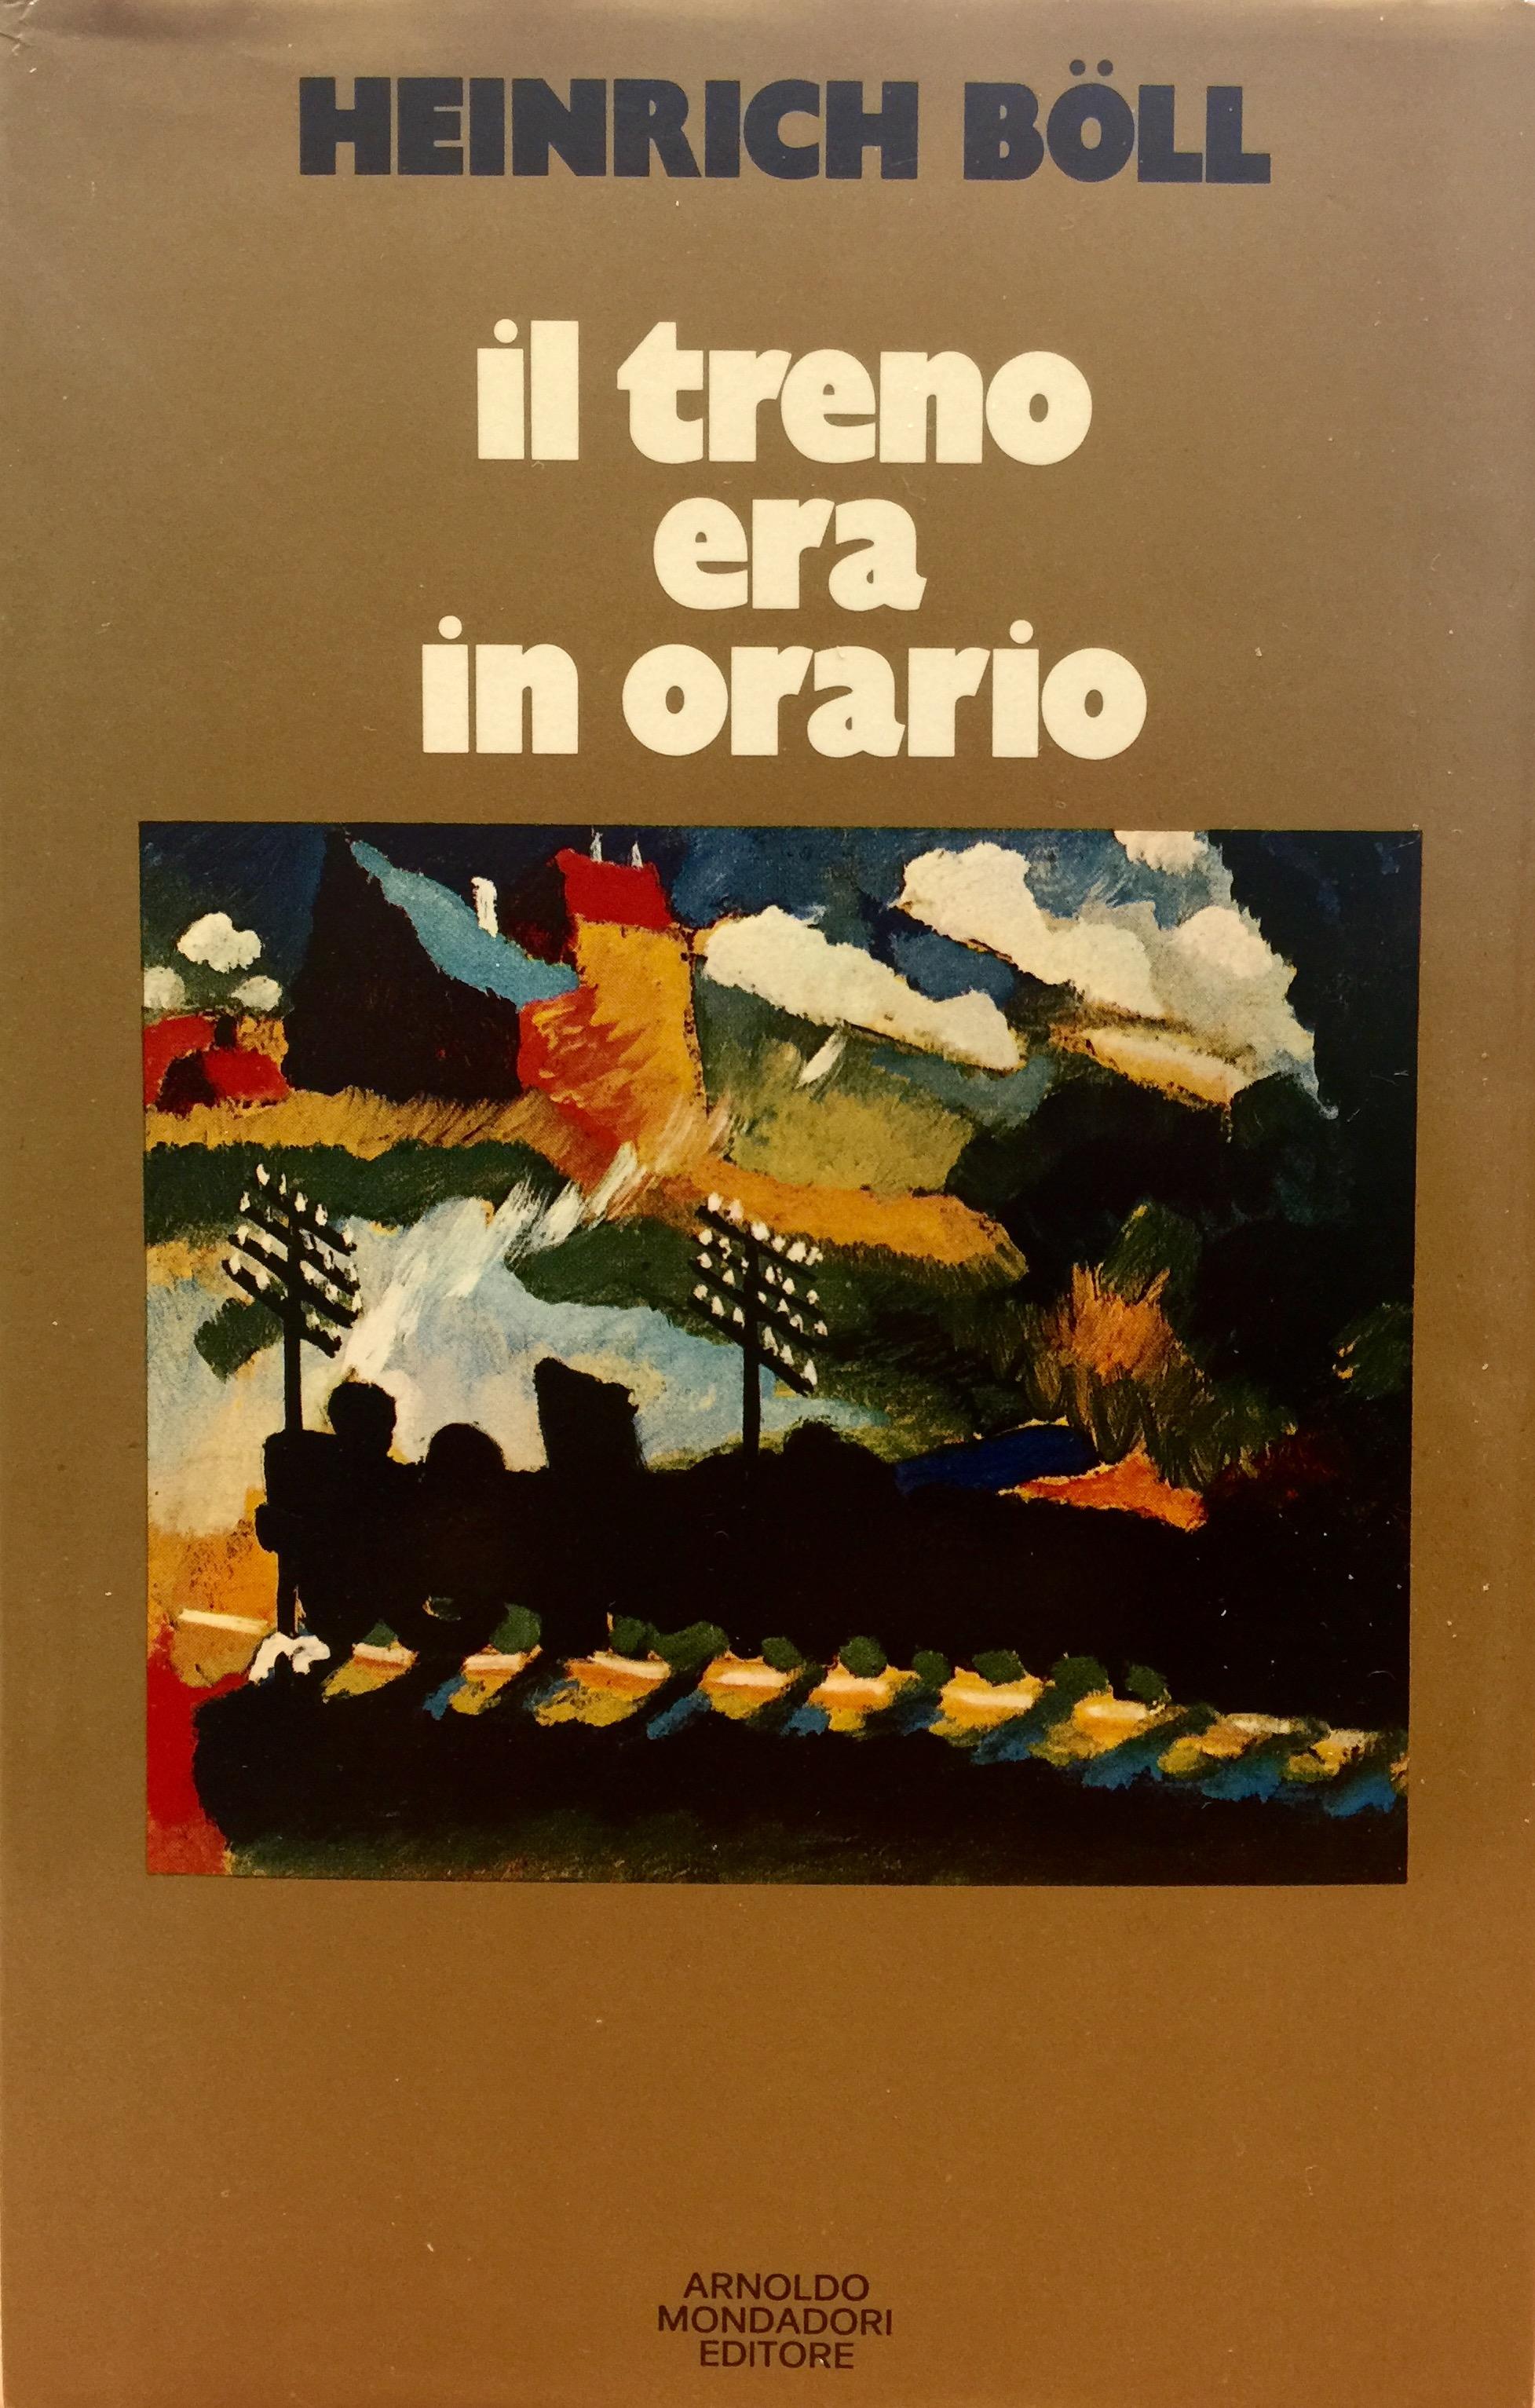 Heinrich Böll, Il treno era in orario, Mondadori